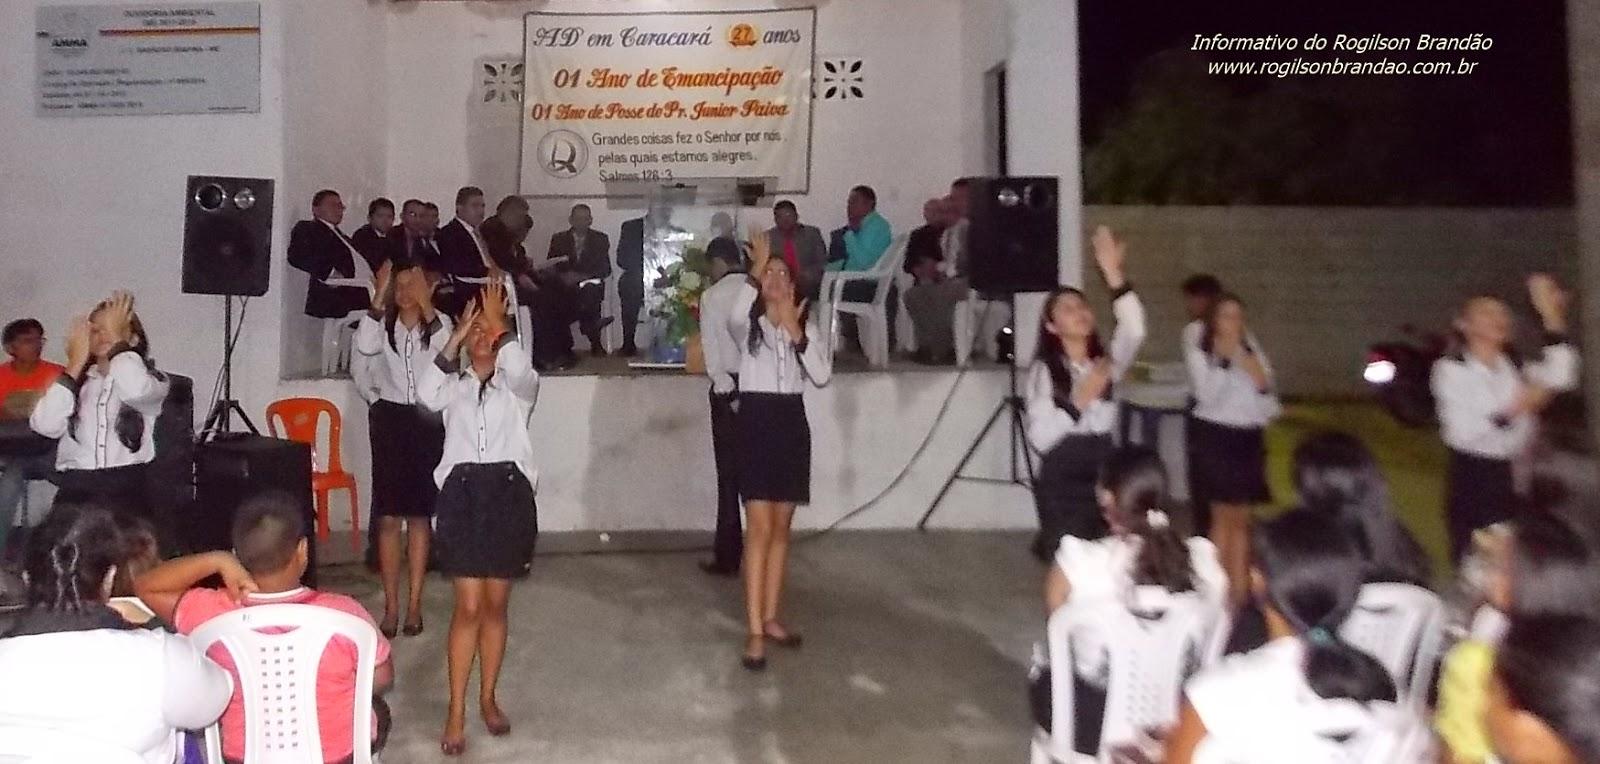 Mulheres Procuram Nos Recife-4287